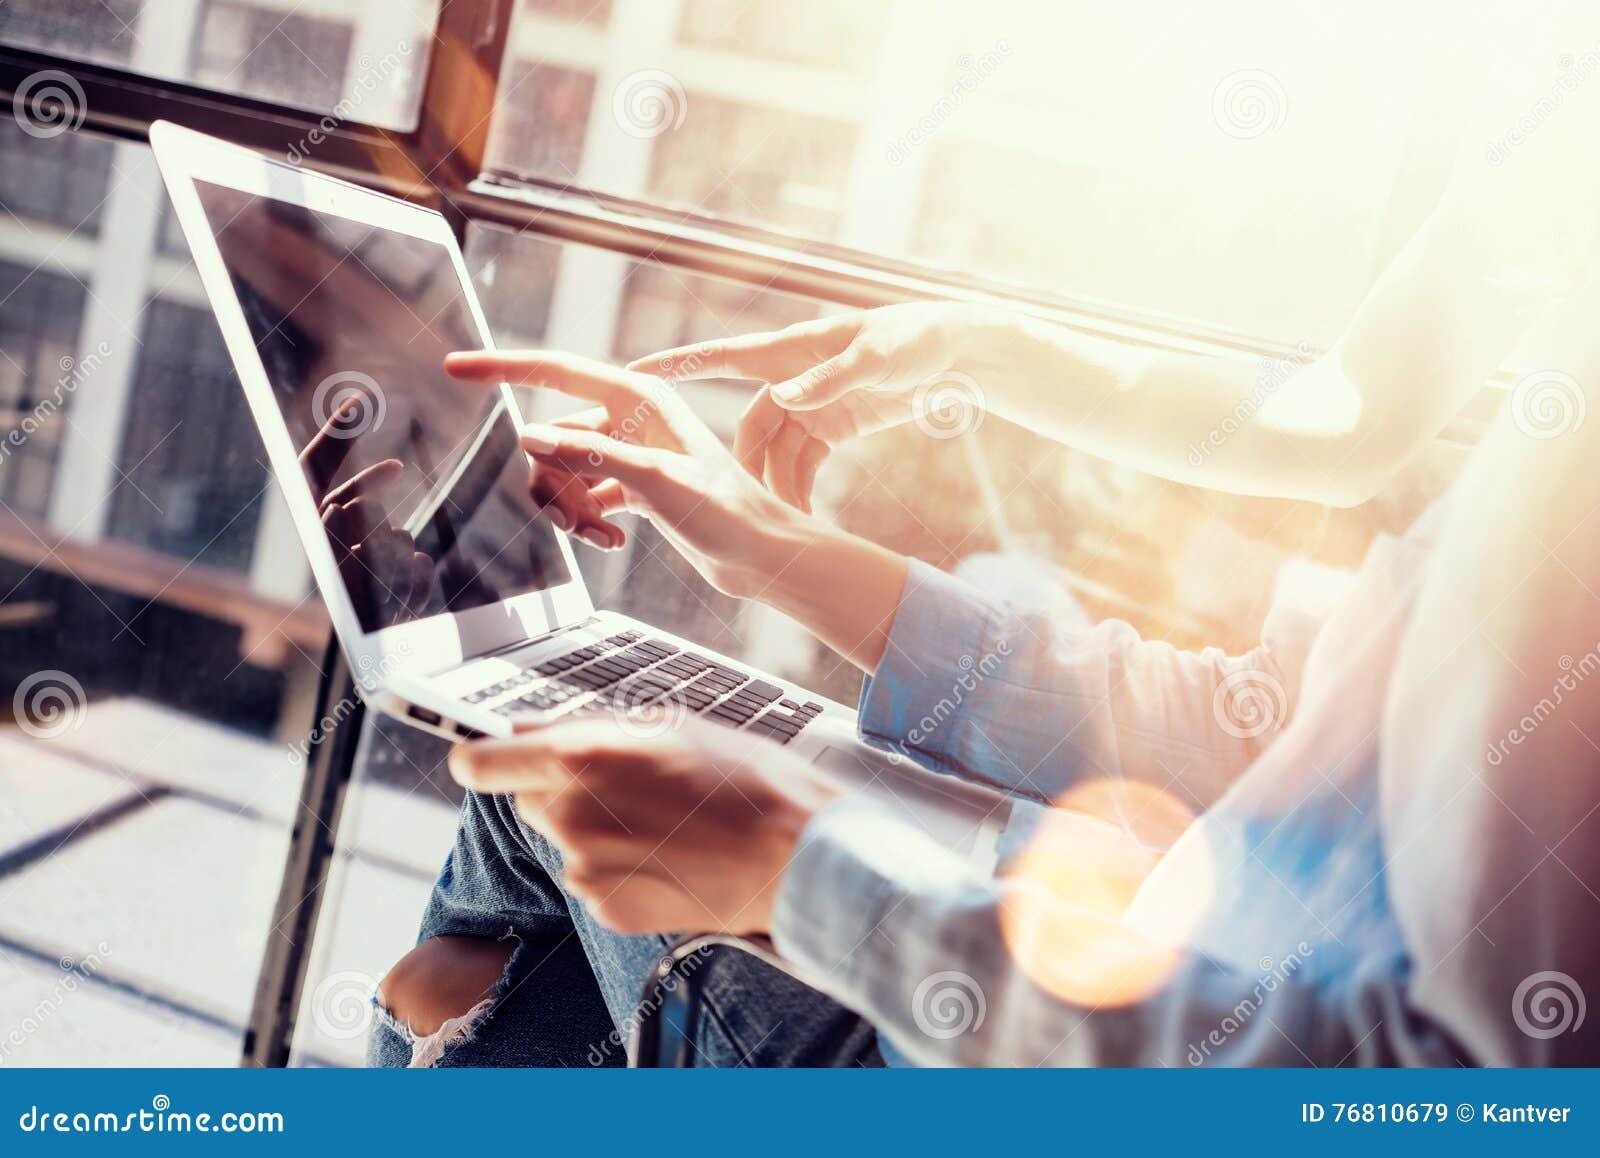 Kobiet Coworkers Robi Wielkim decyzjom biznesowym Młodej marketing drużyny dyskusi pracy pojęcia biura Korporacyjny laptop